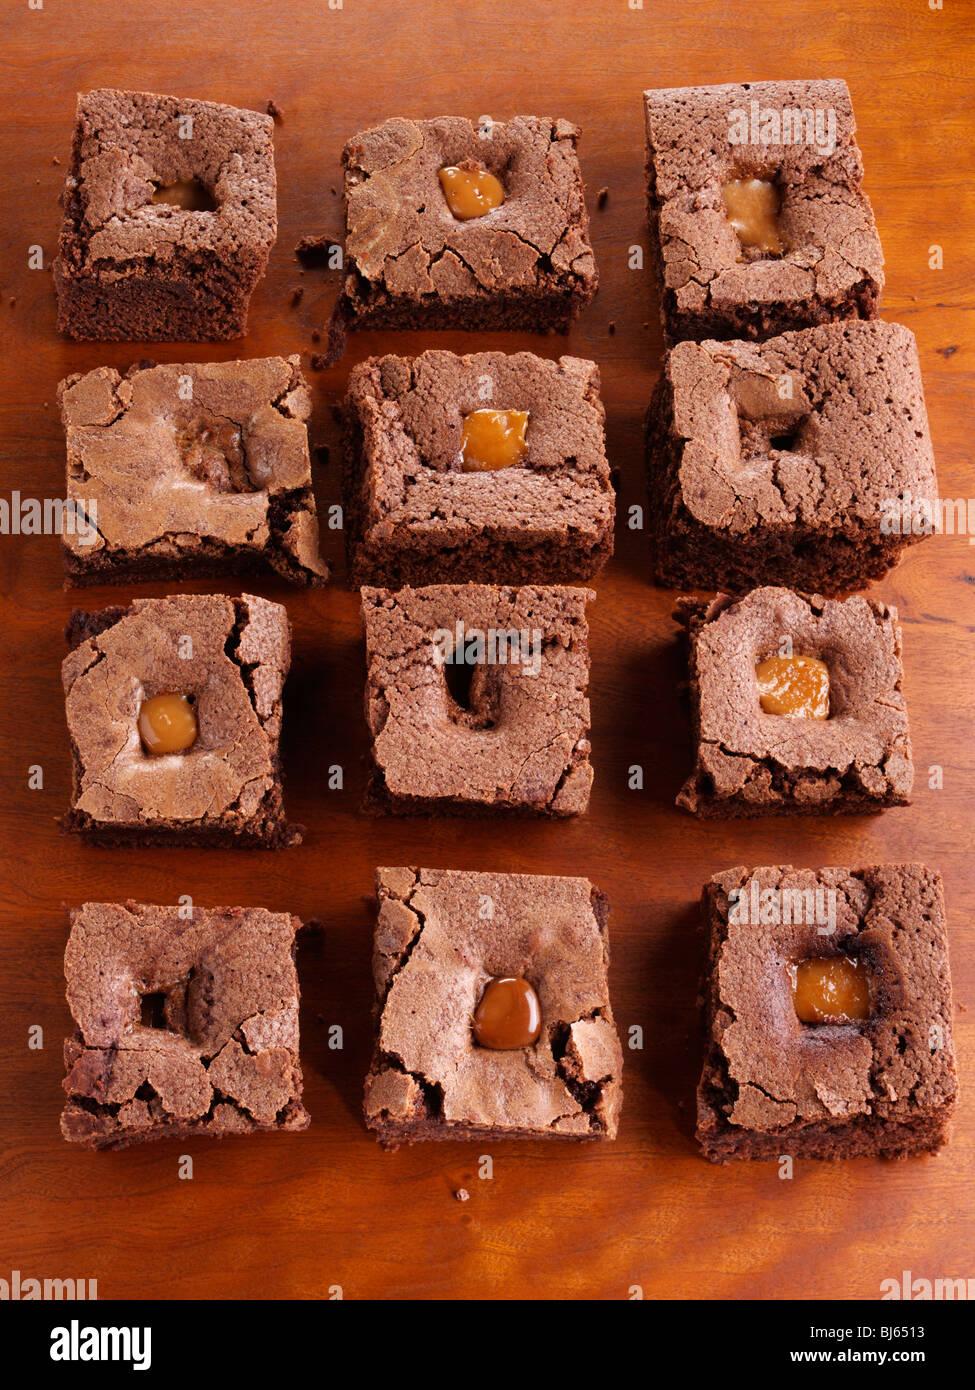 Brownies chocolate cookies - Stock Image